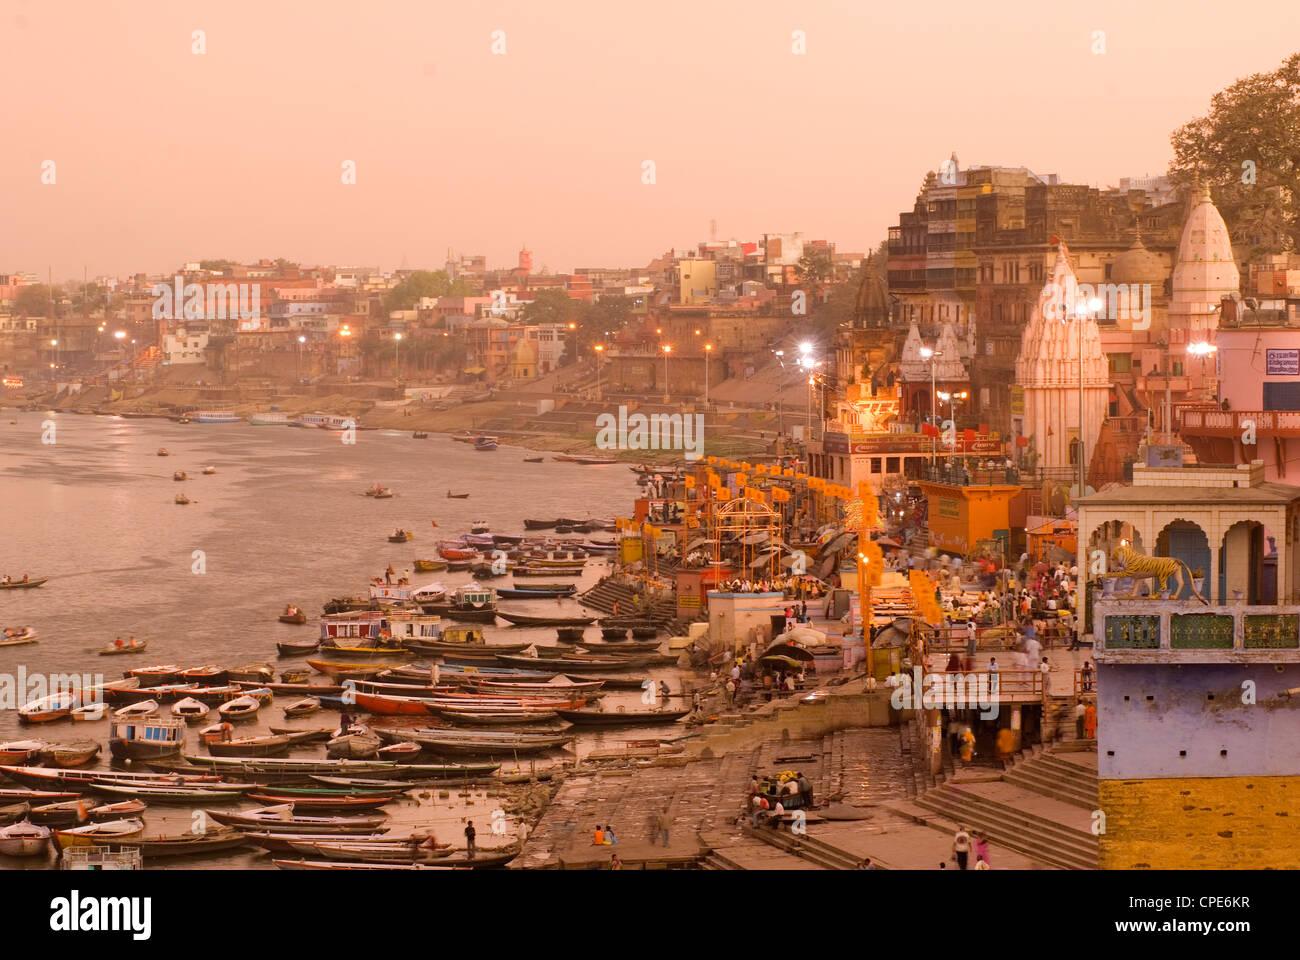 Man Mandir Ghat, Varanasi, Uttar Pradesh, India, Asia Imagen De Stock